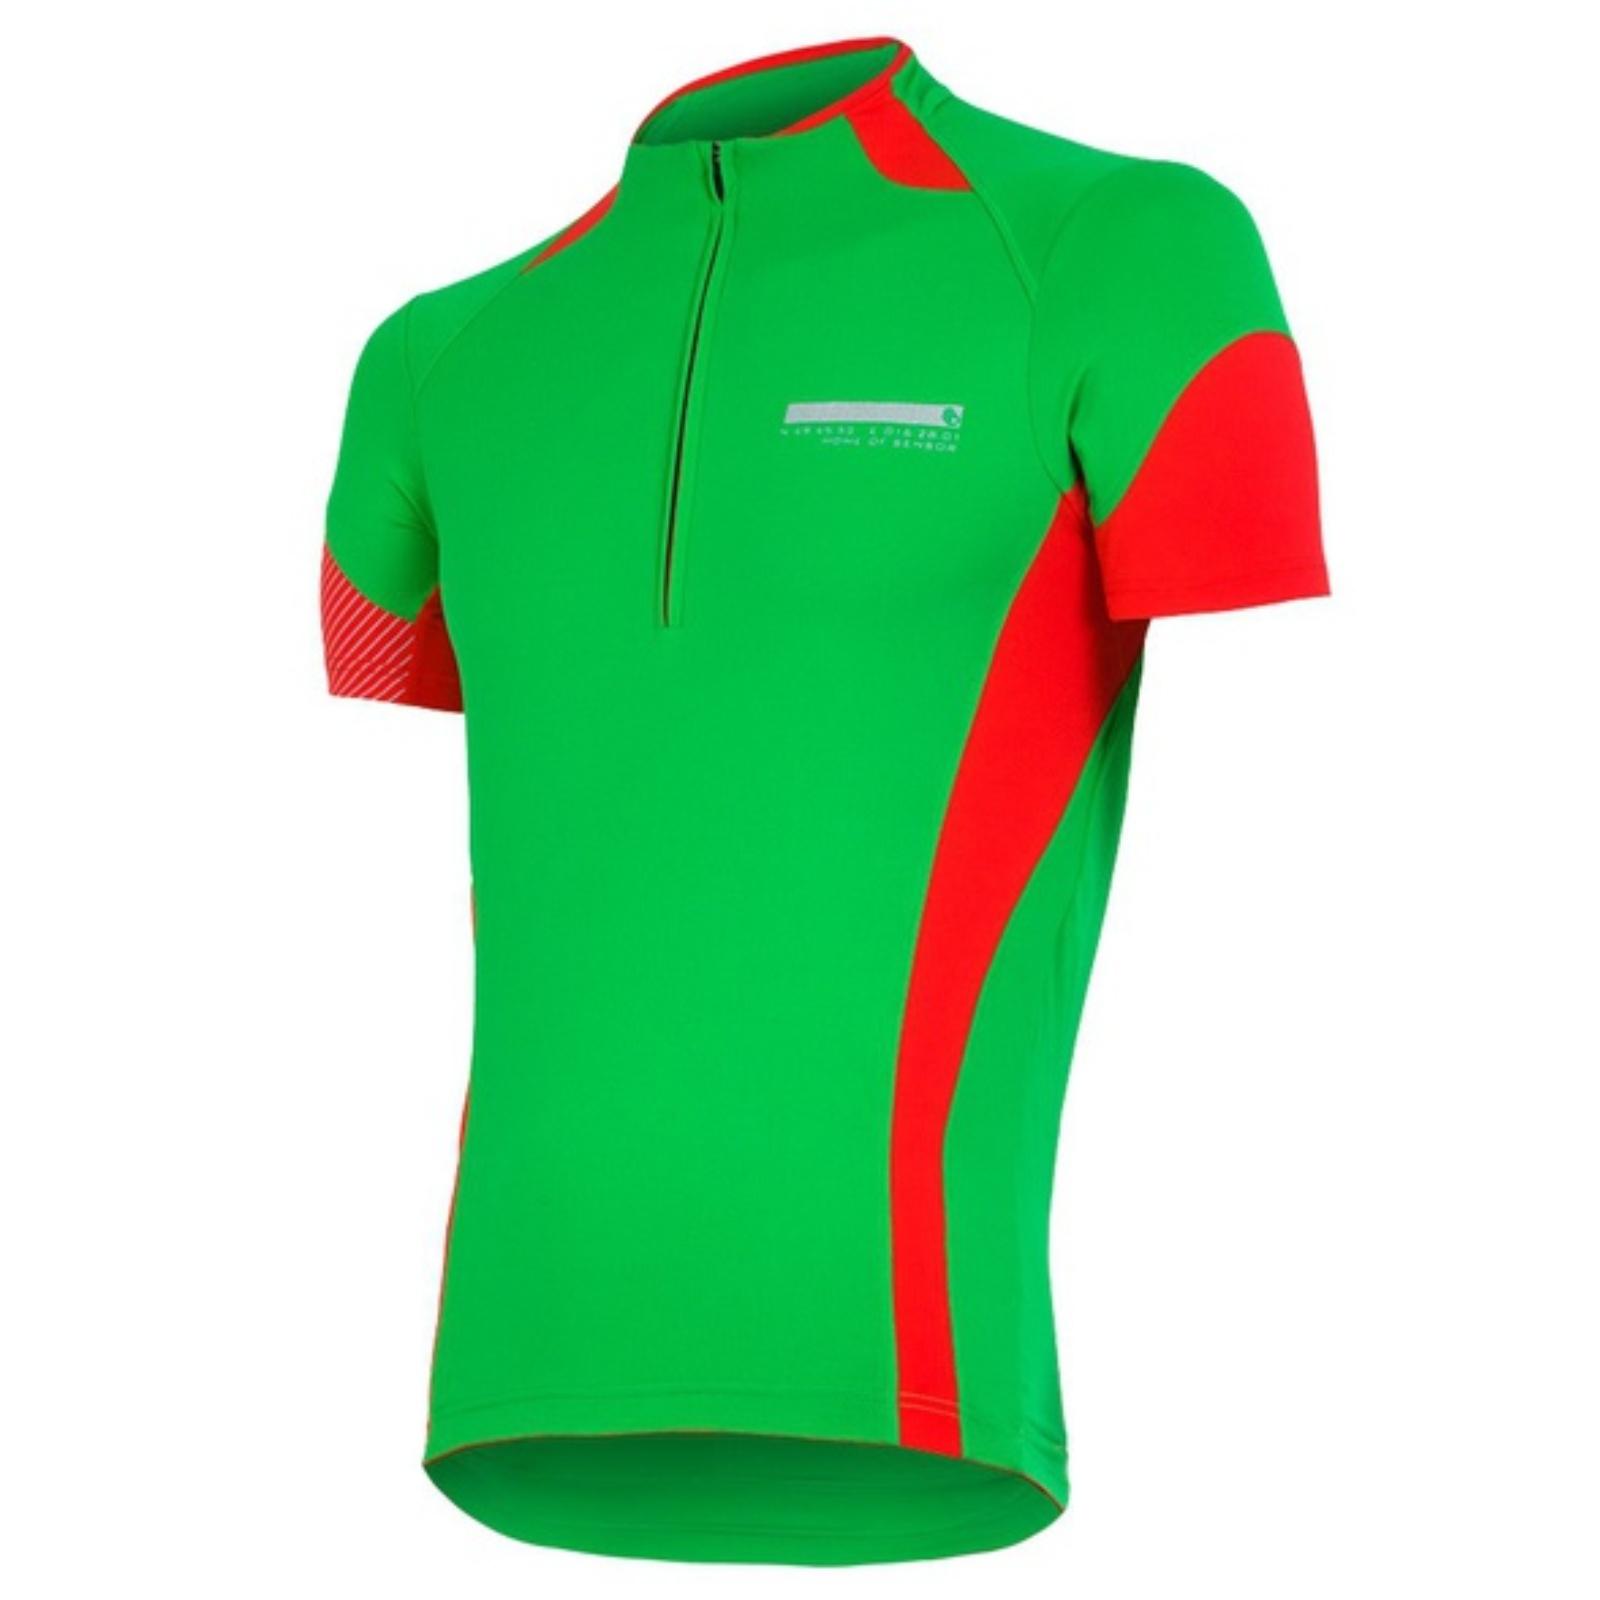 Dres krátký rukáv SENSOR Race Evo pánský - zeleno-červený